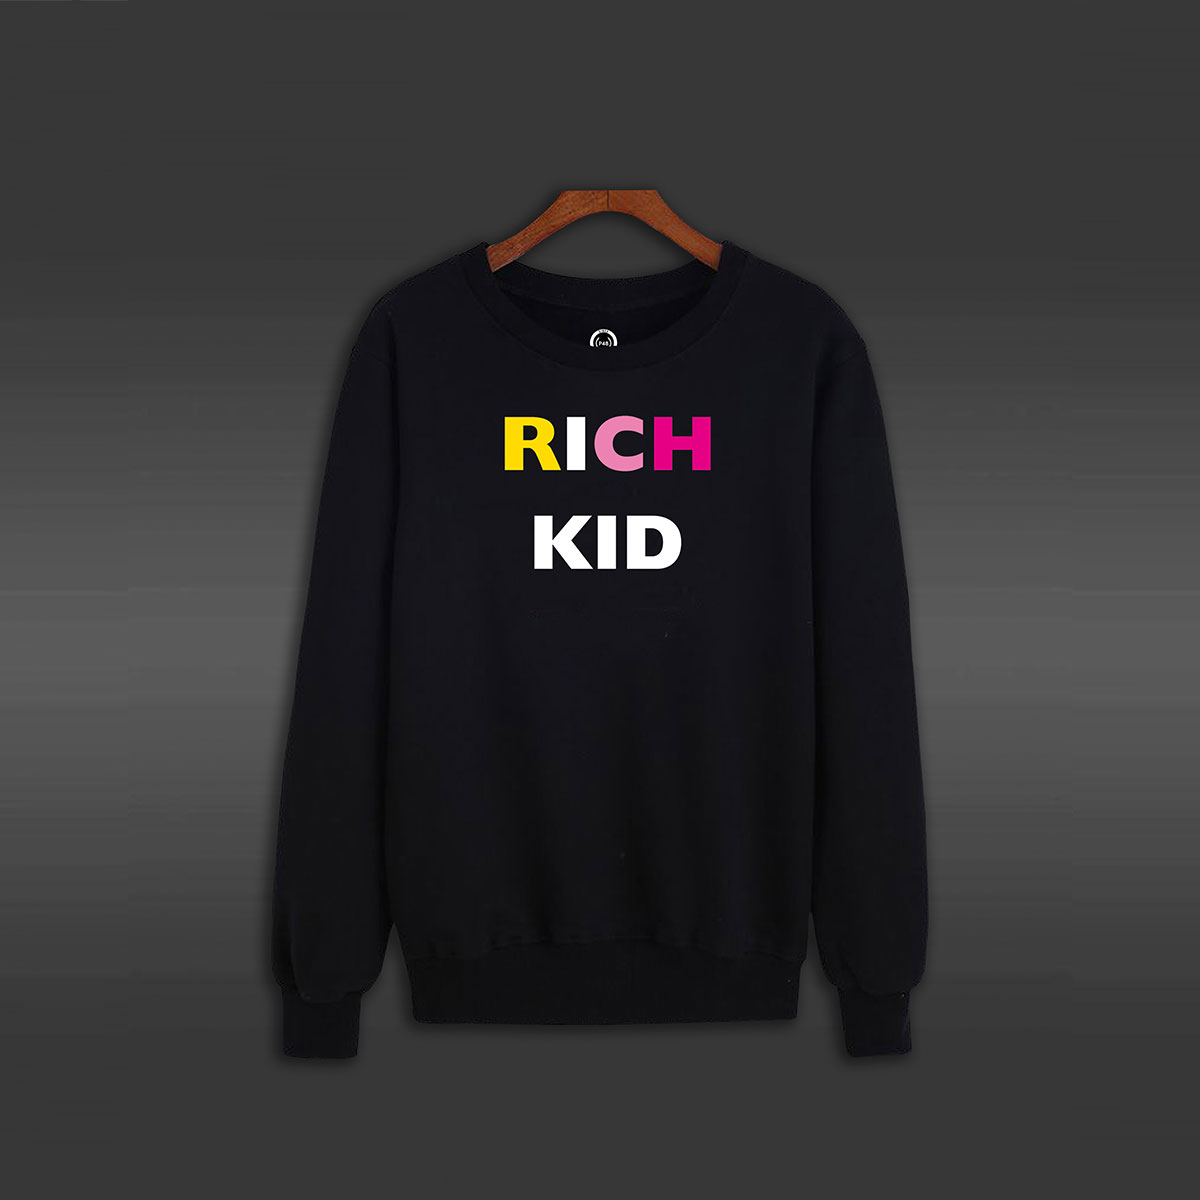 Rich Kid Crew Neck Sweater - Black